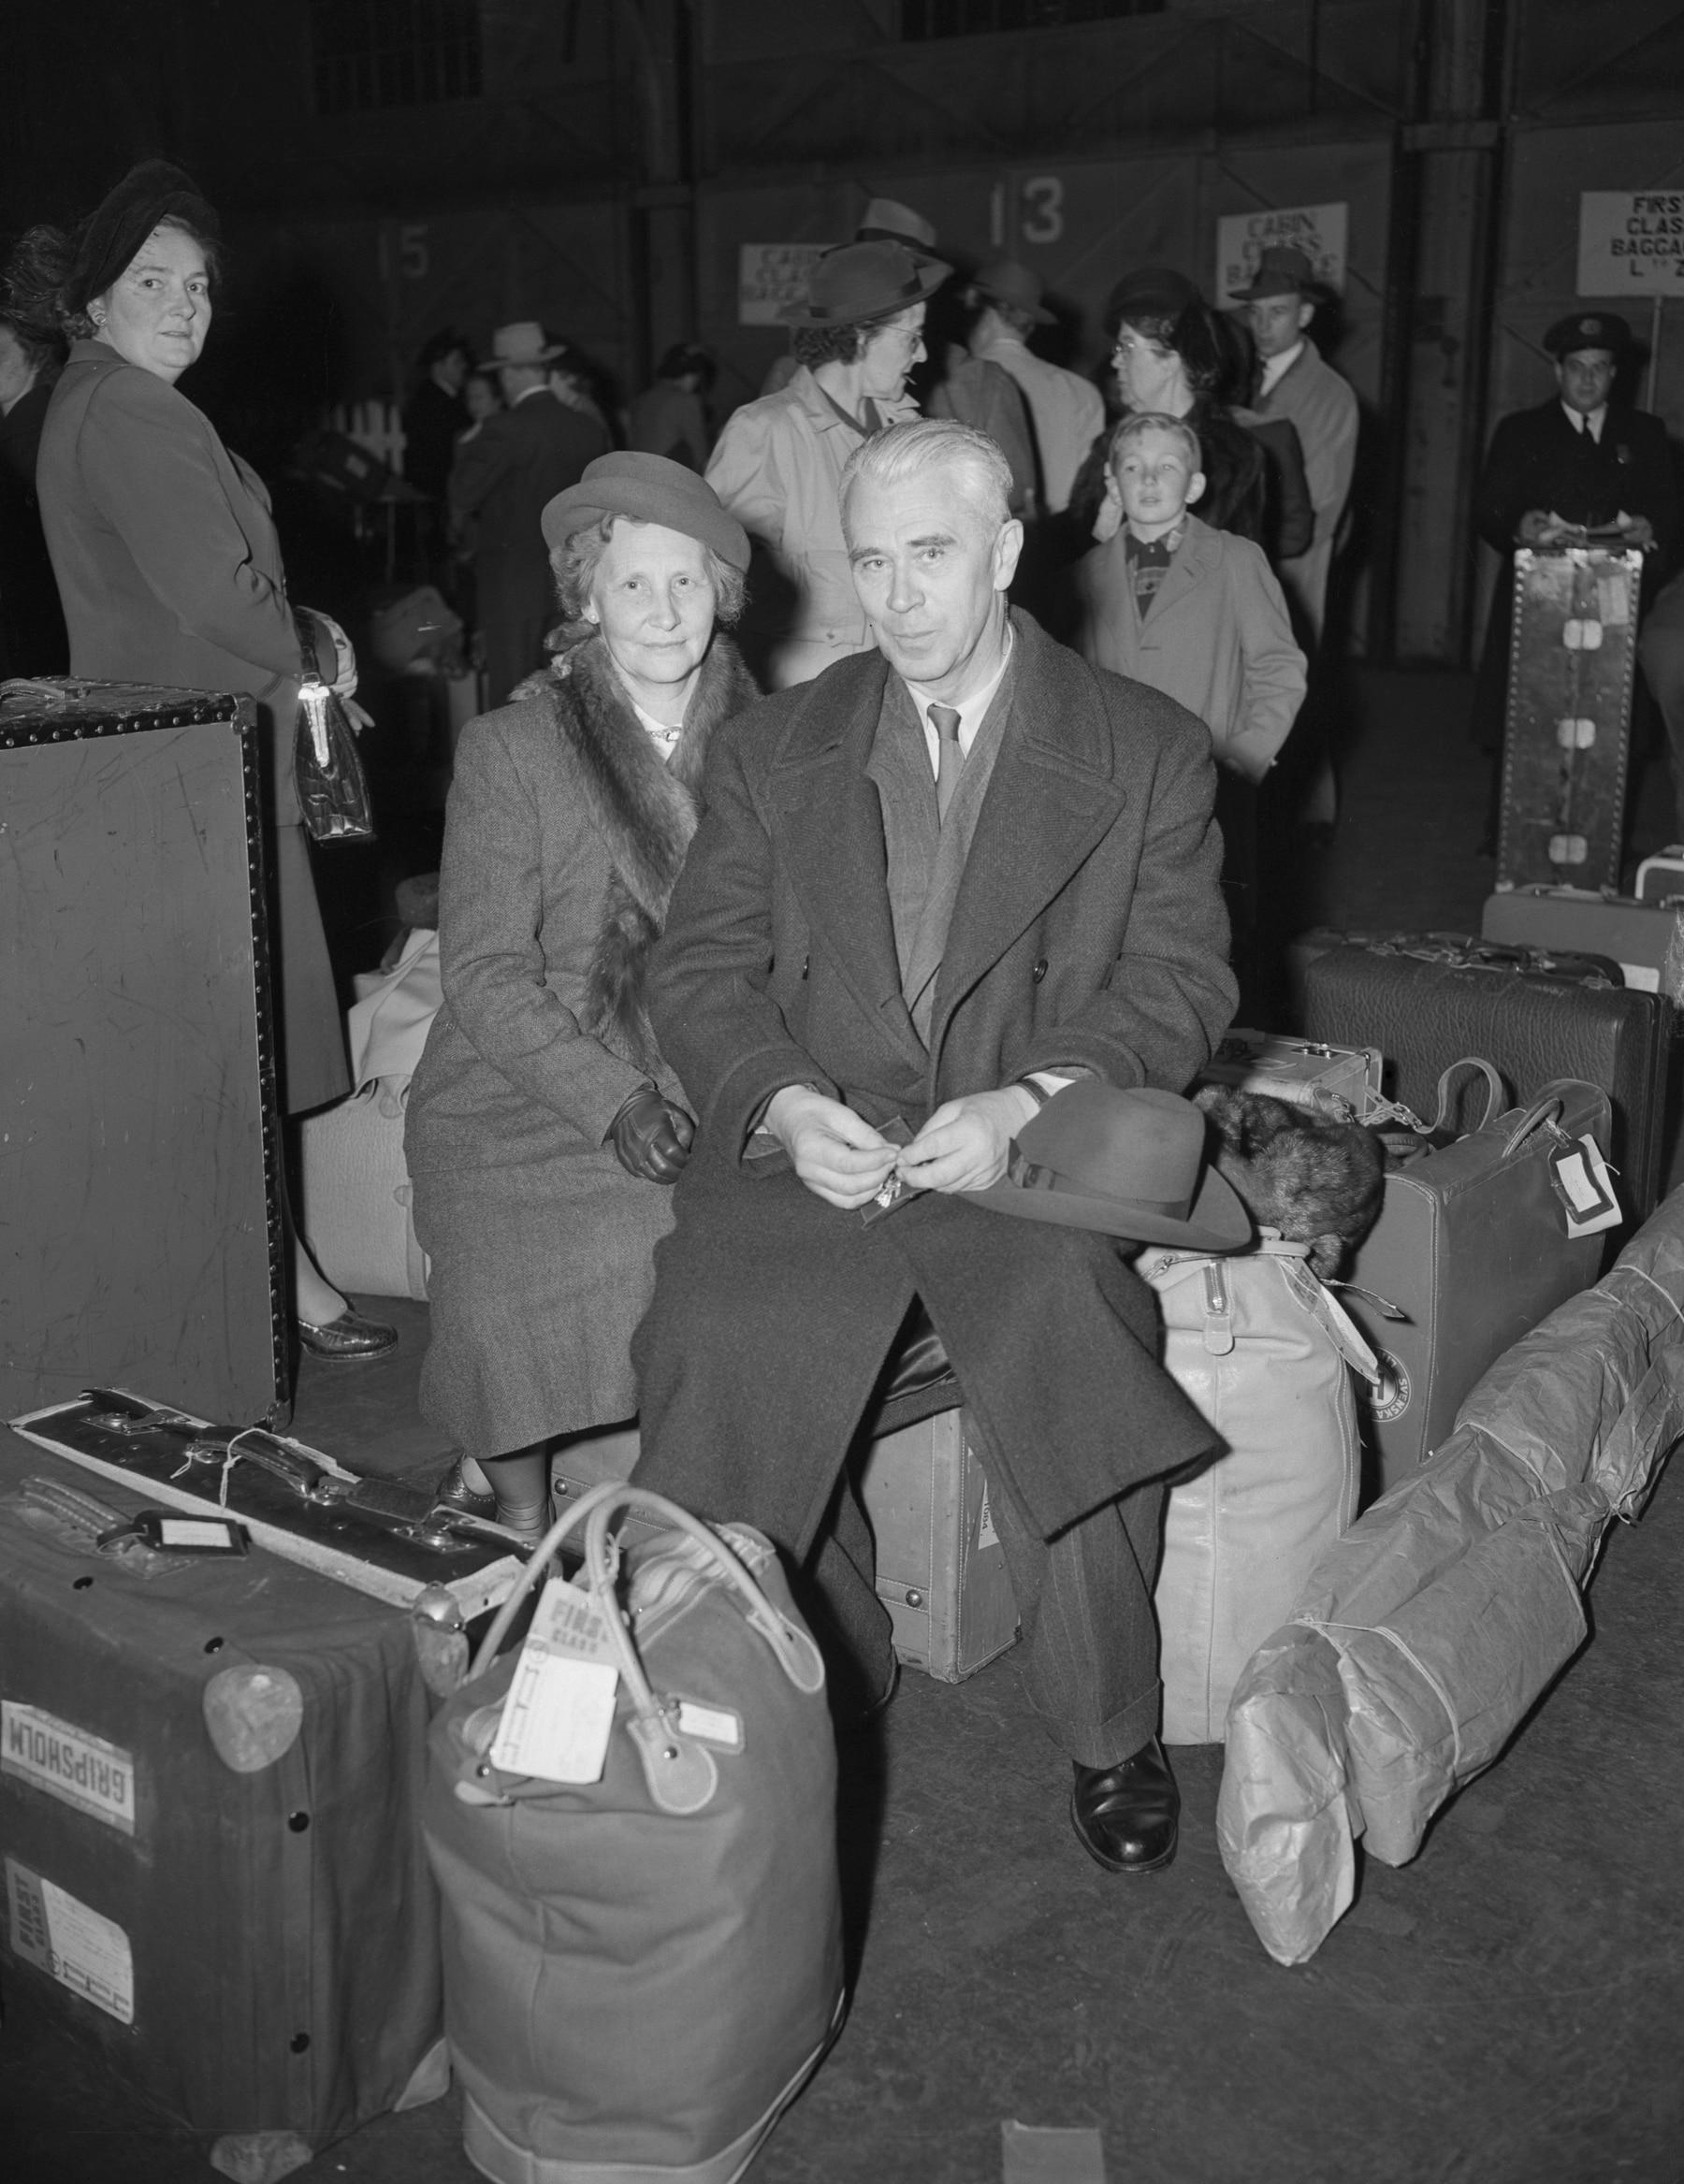 منشأ شركة كريبتو بوريس هاجلين وزوجته عندما وصلو إلى نيويورك في عام 1949 (Bettmann Archive)